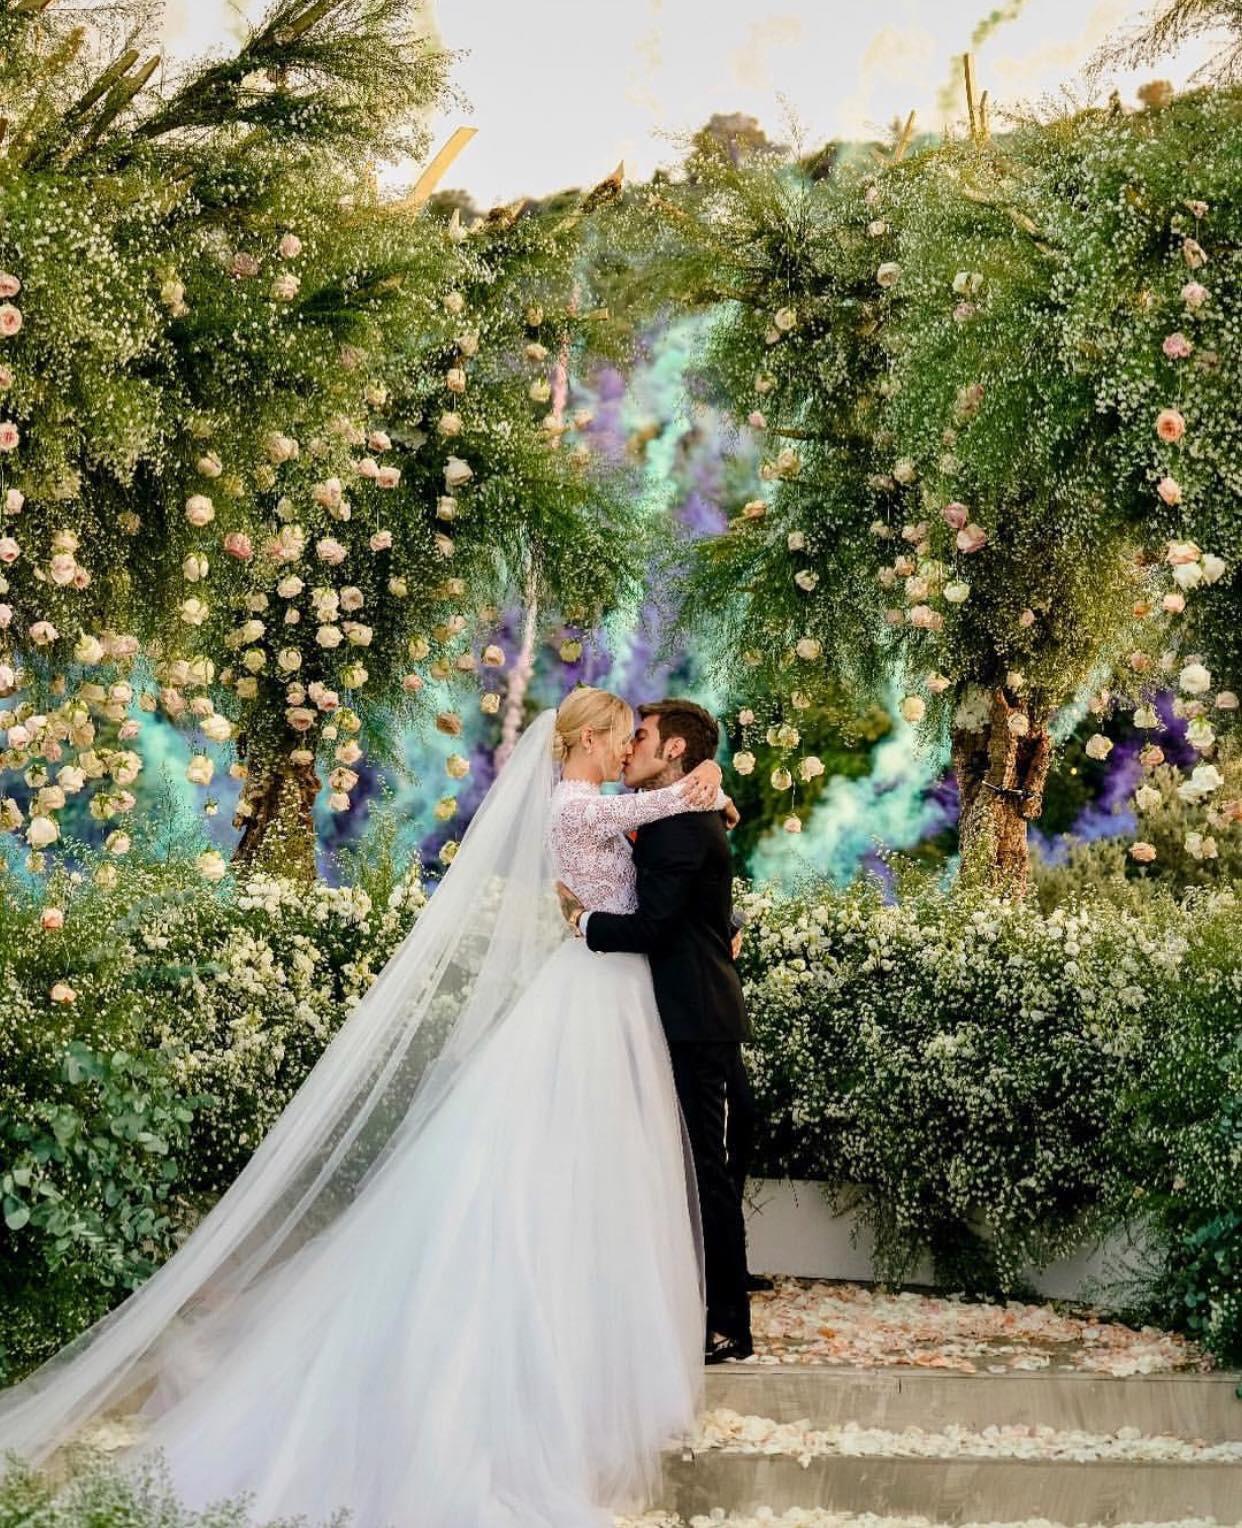 Đám cưới của blogger Chiara Ferragni chính thức diễn ra, khung cảnh lộng lẫy như giấc mơ của mọi cô gái - Ảnh 2.